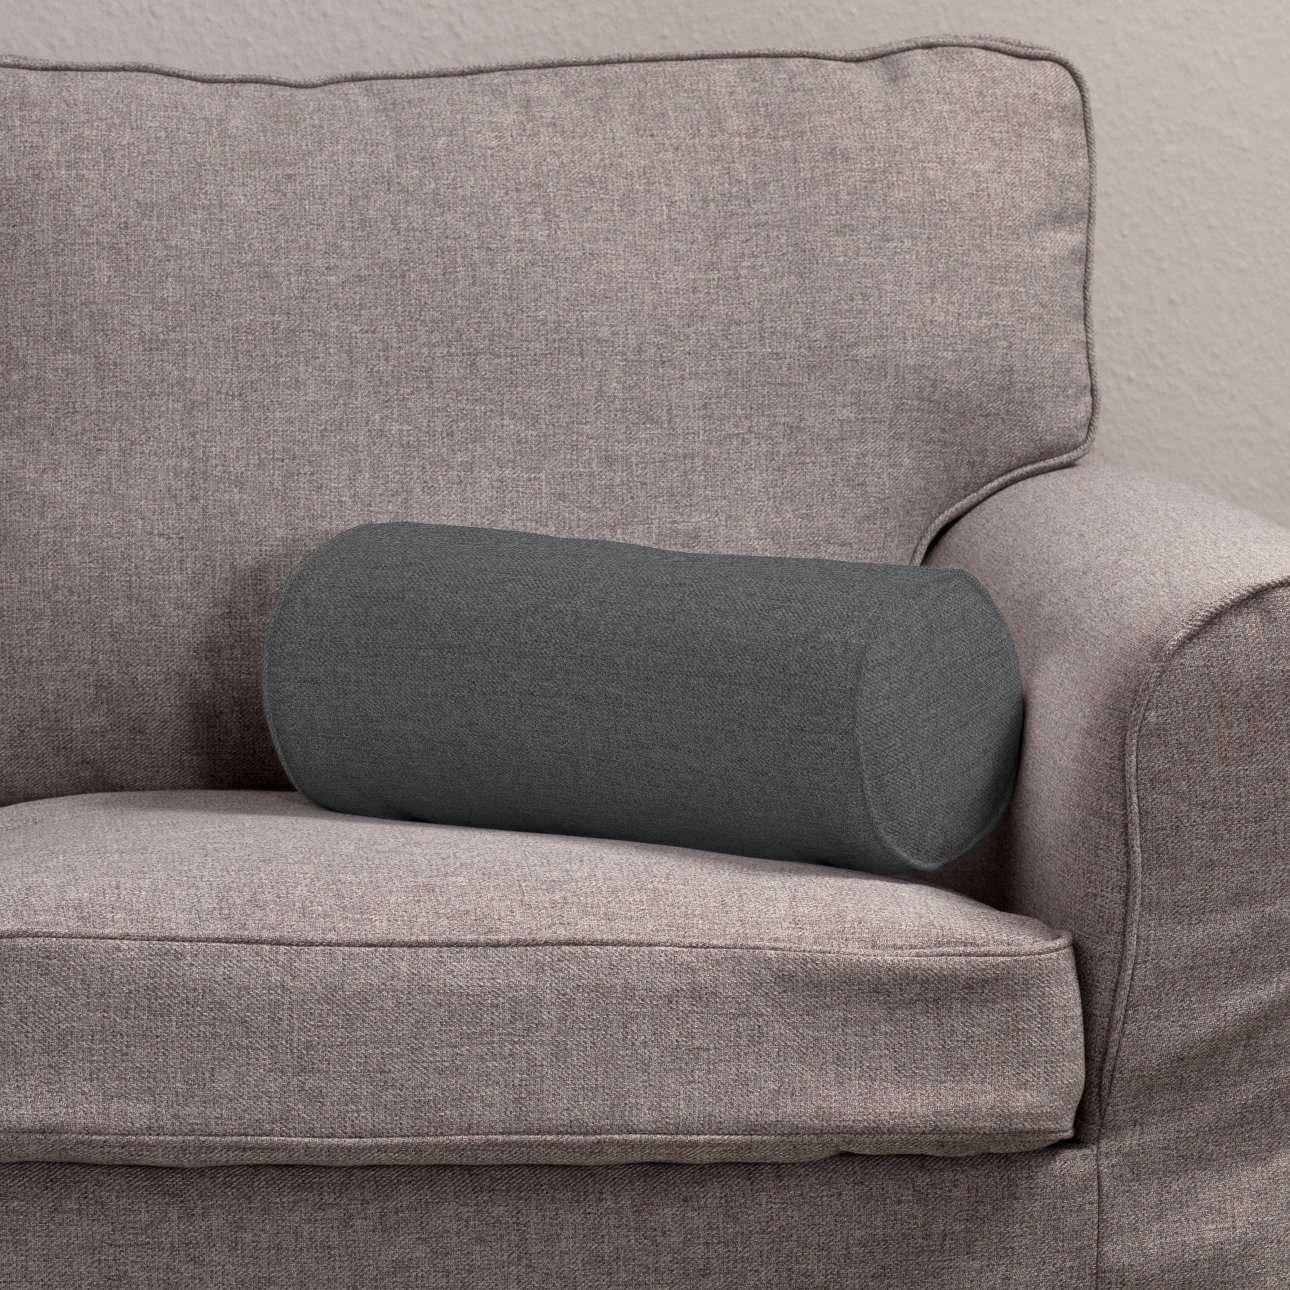 Poduszka wałek prosty Ø 16 x 40 cm w kolekcji Edinburgh, tkanina: 115-77